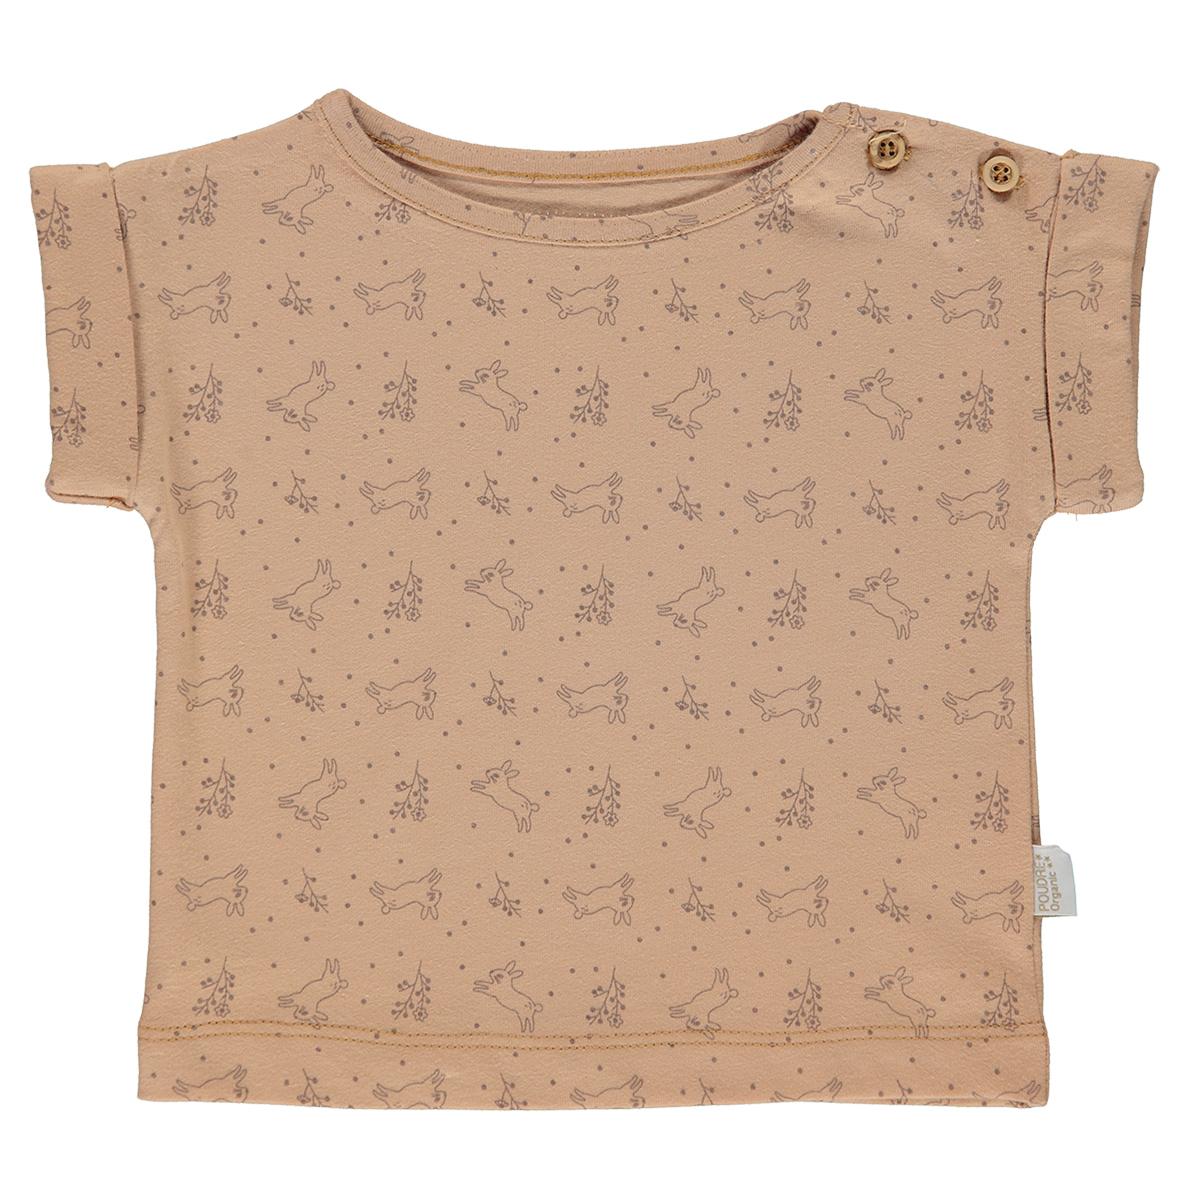 Haut bébé T-Shirt Bourrache Indian Tan et Motifs - 18 Mois T-Shirt Bourrache Indian Tan et Motifs - 18 Mois